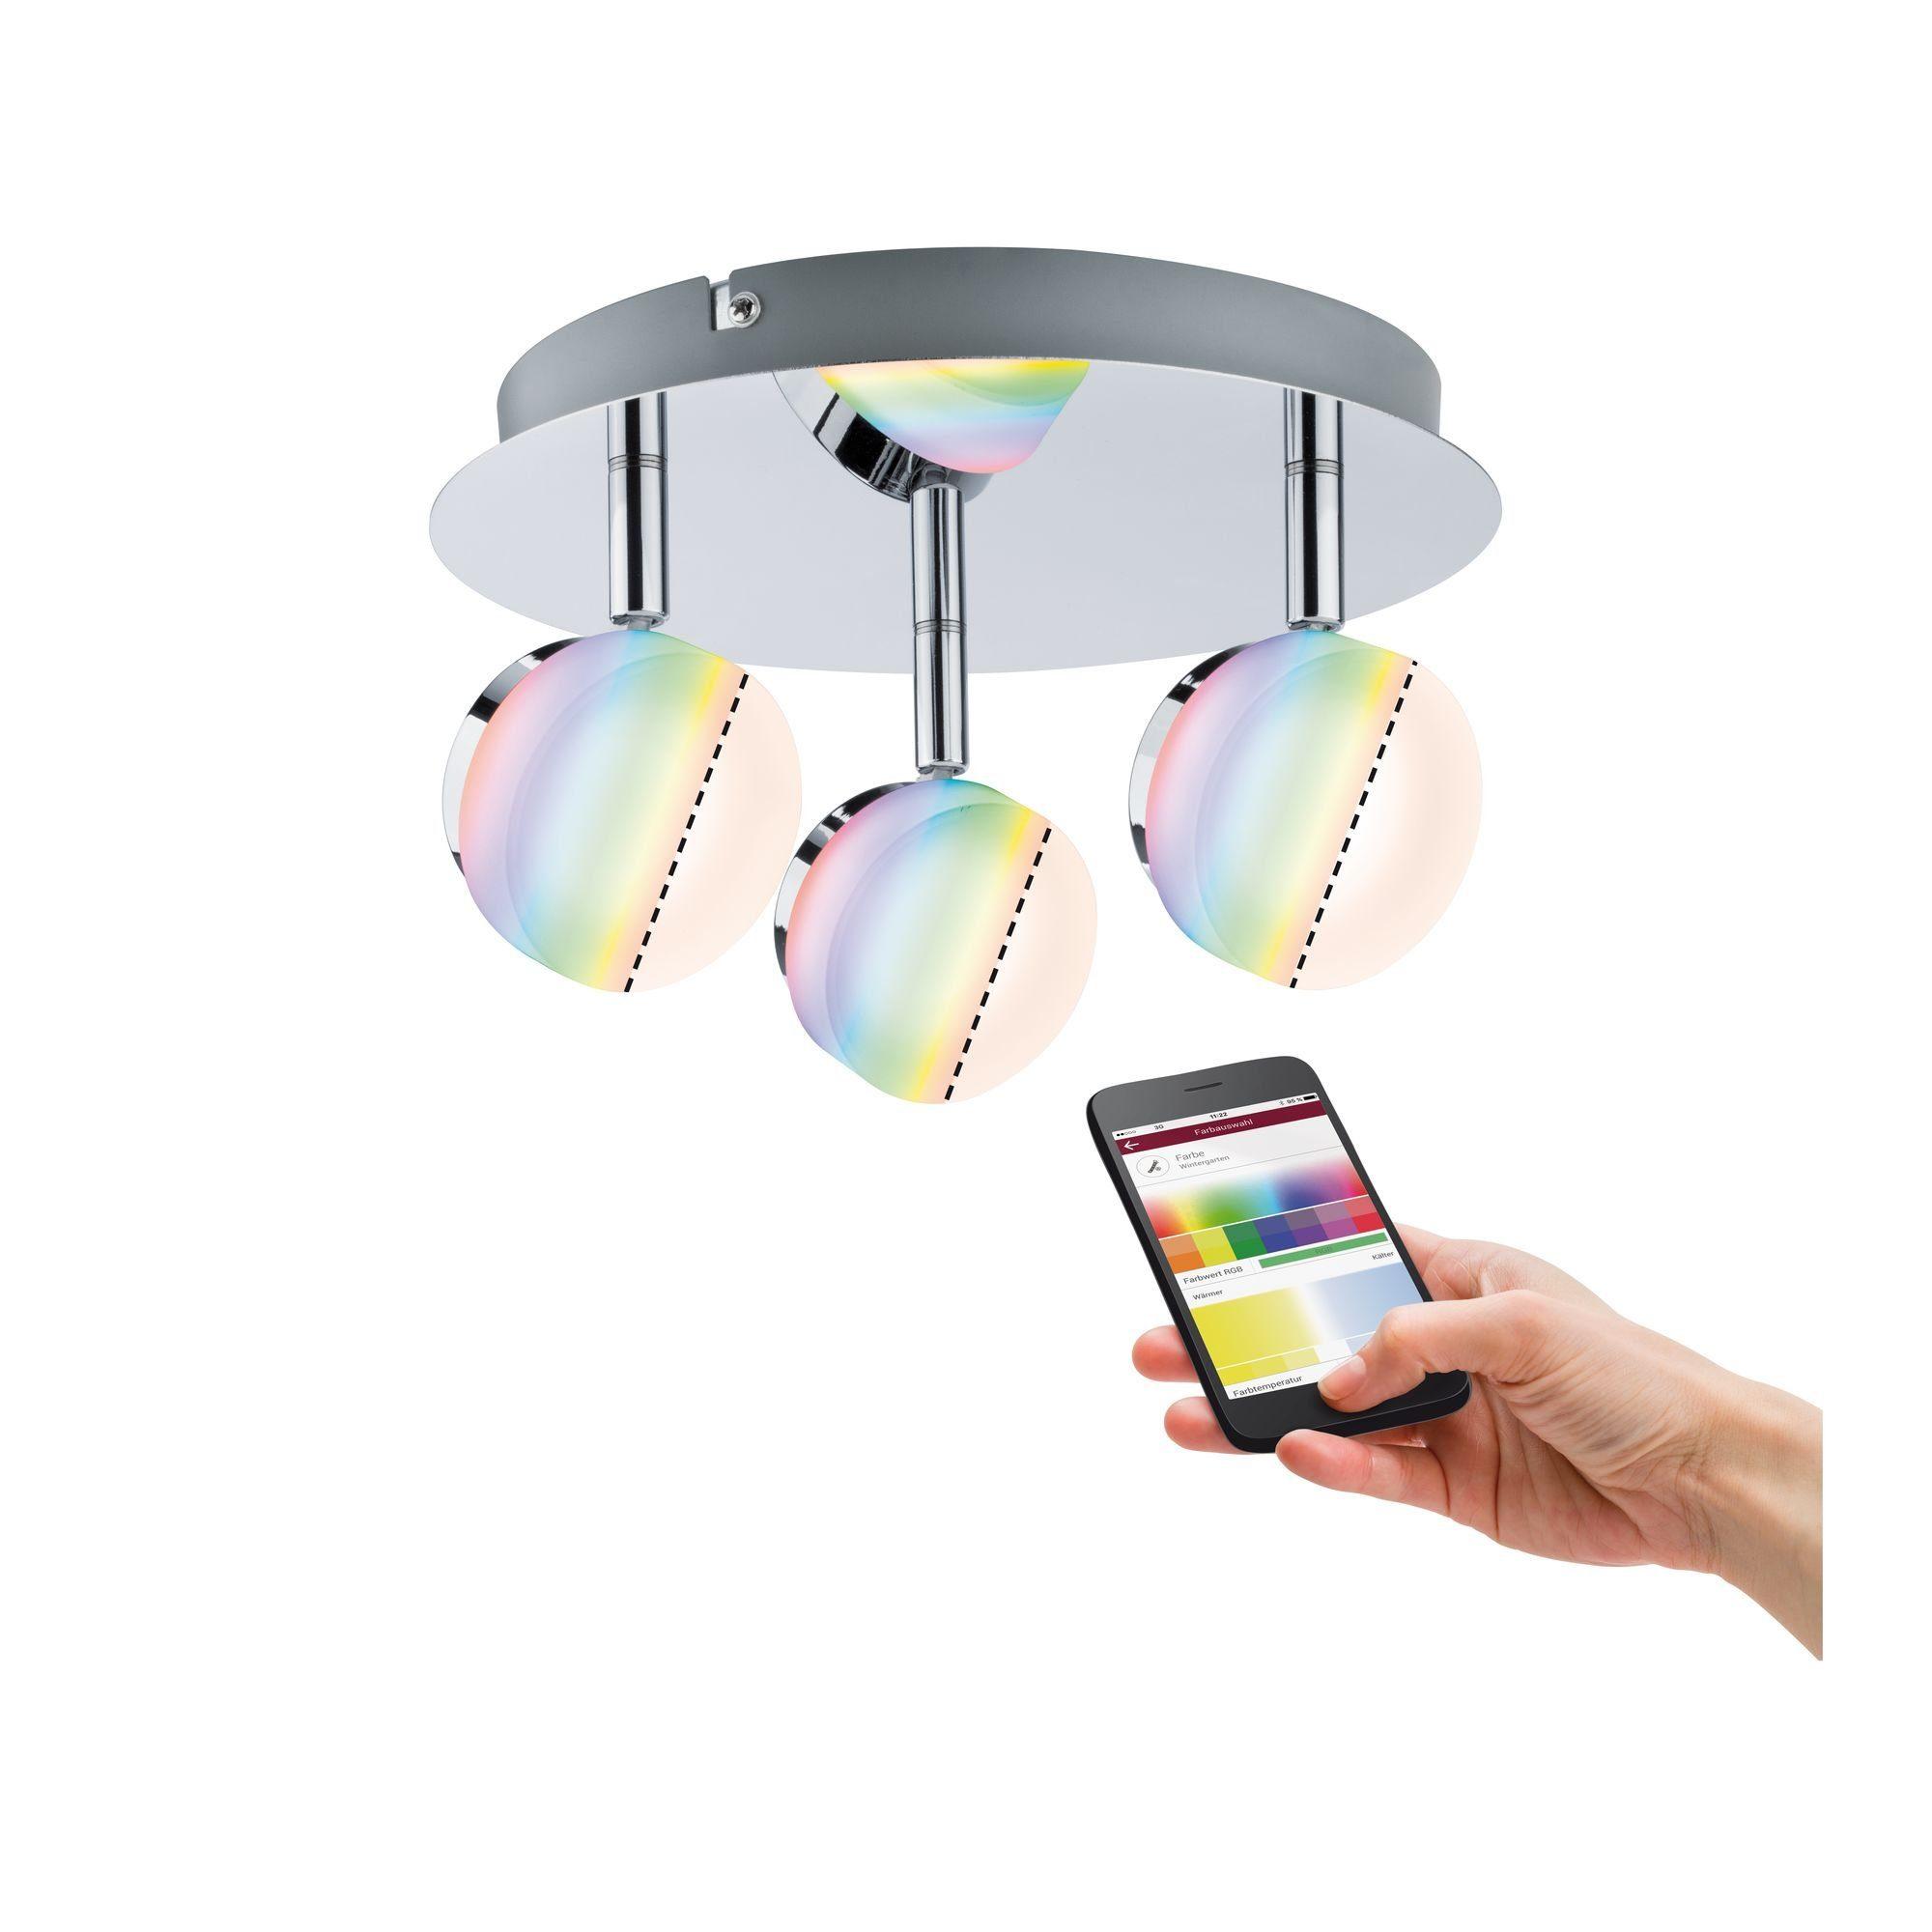 Paulmann,LED Deckenstrahler Spot Iro RGBW Chrom smart